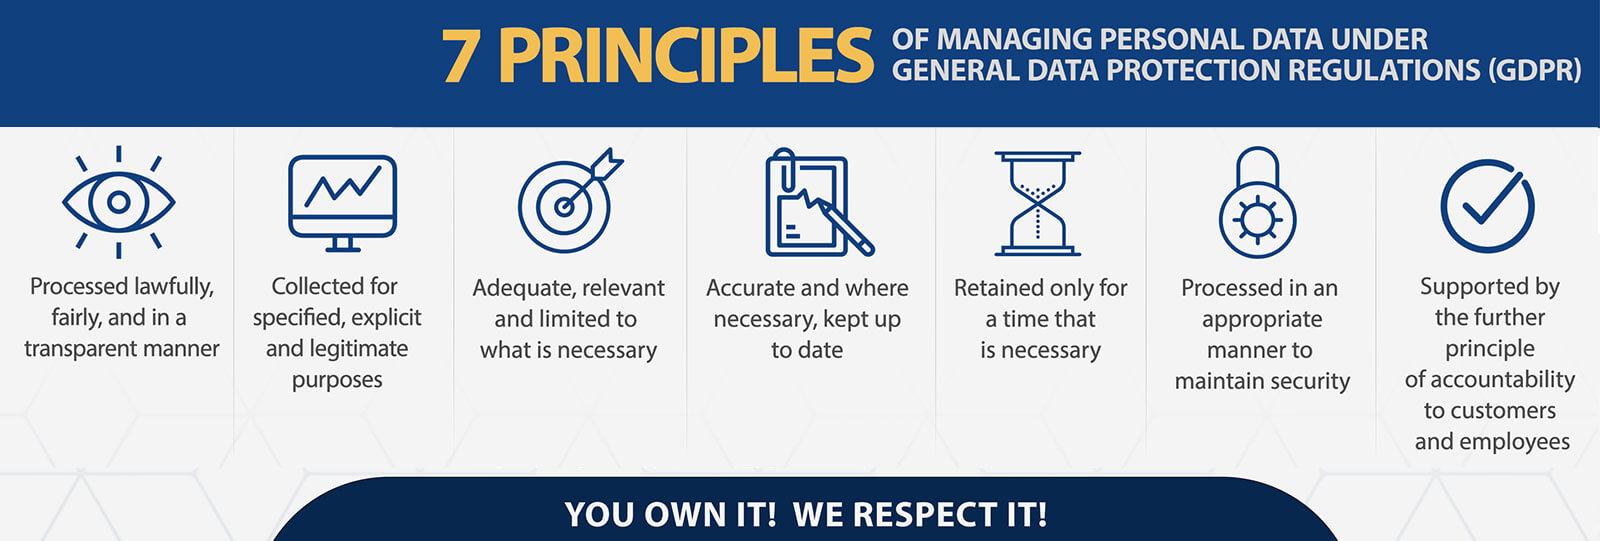 7 Principles of GDPR